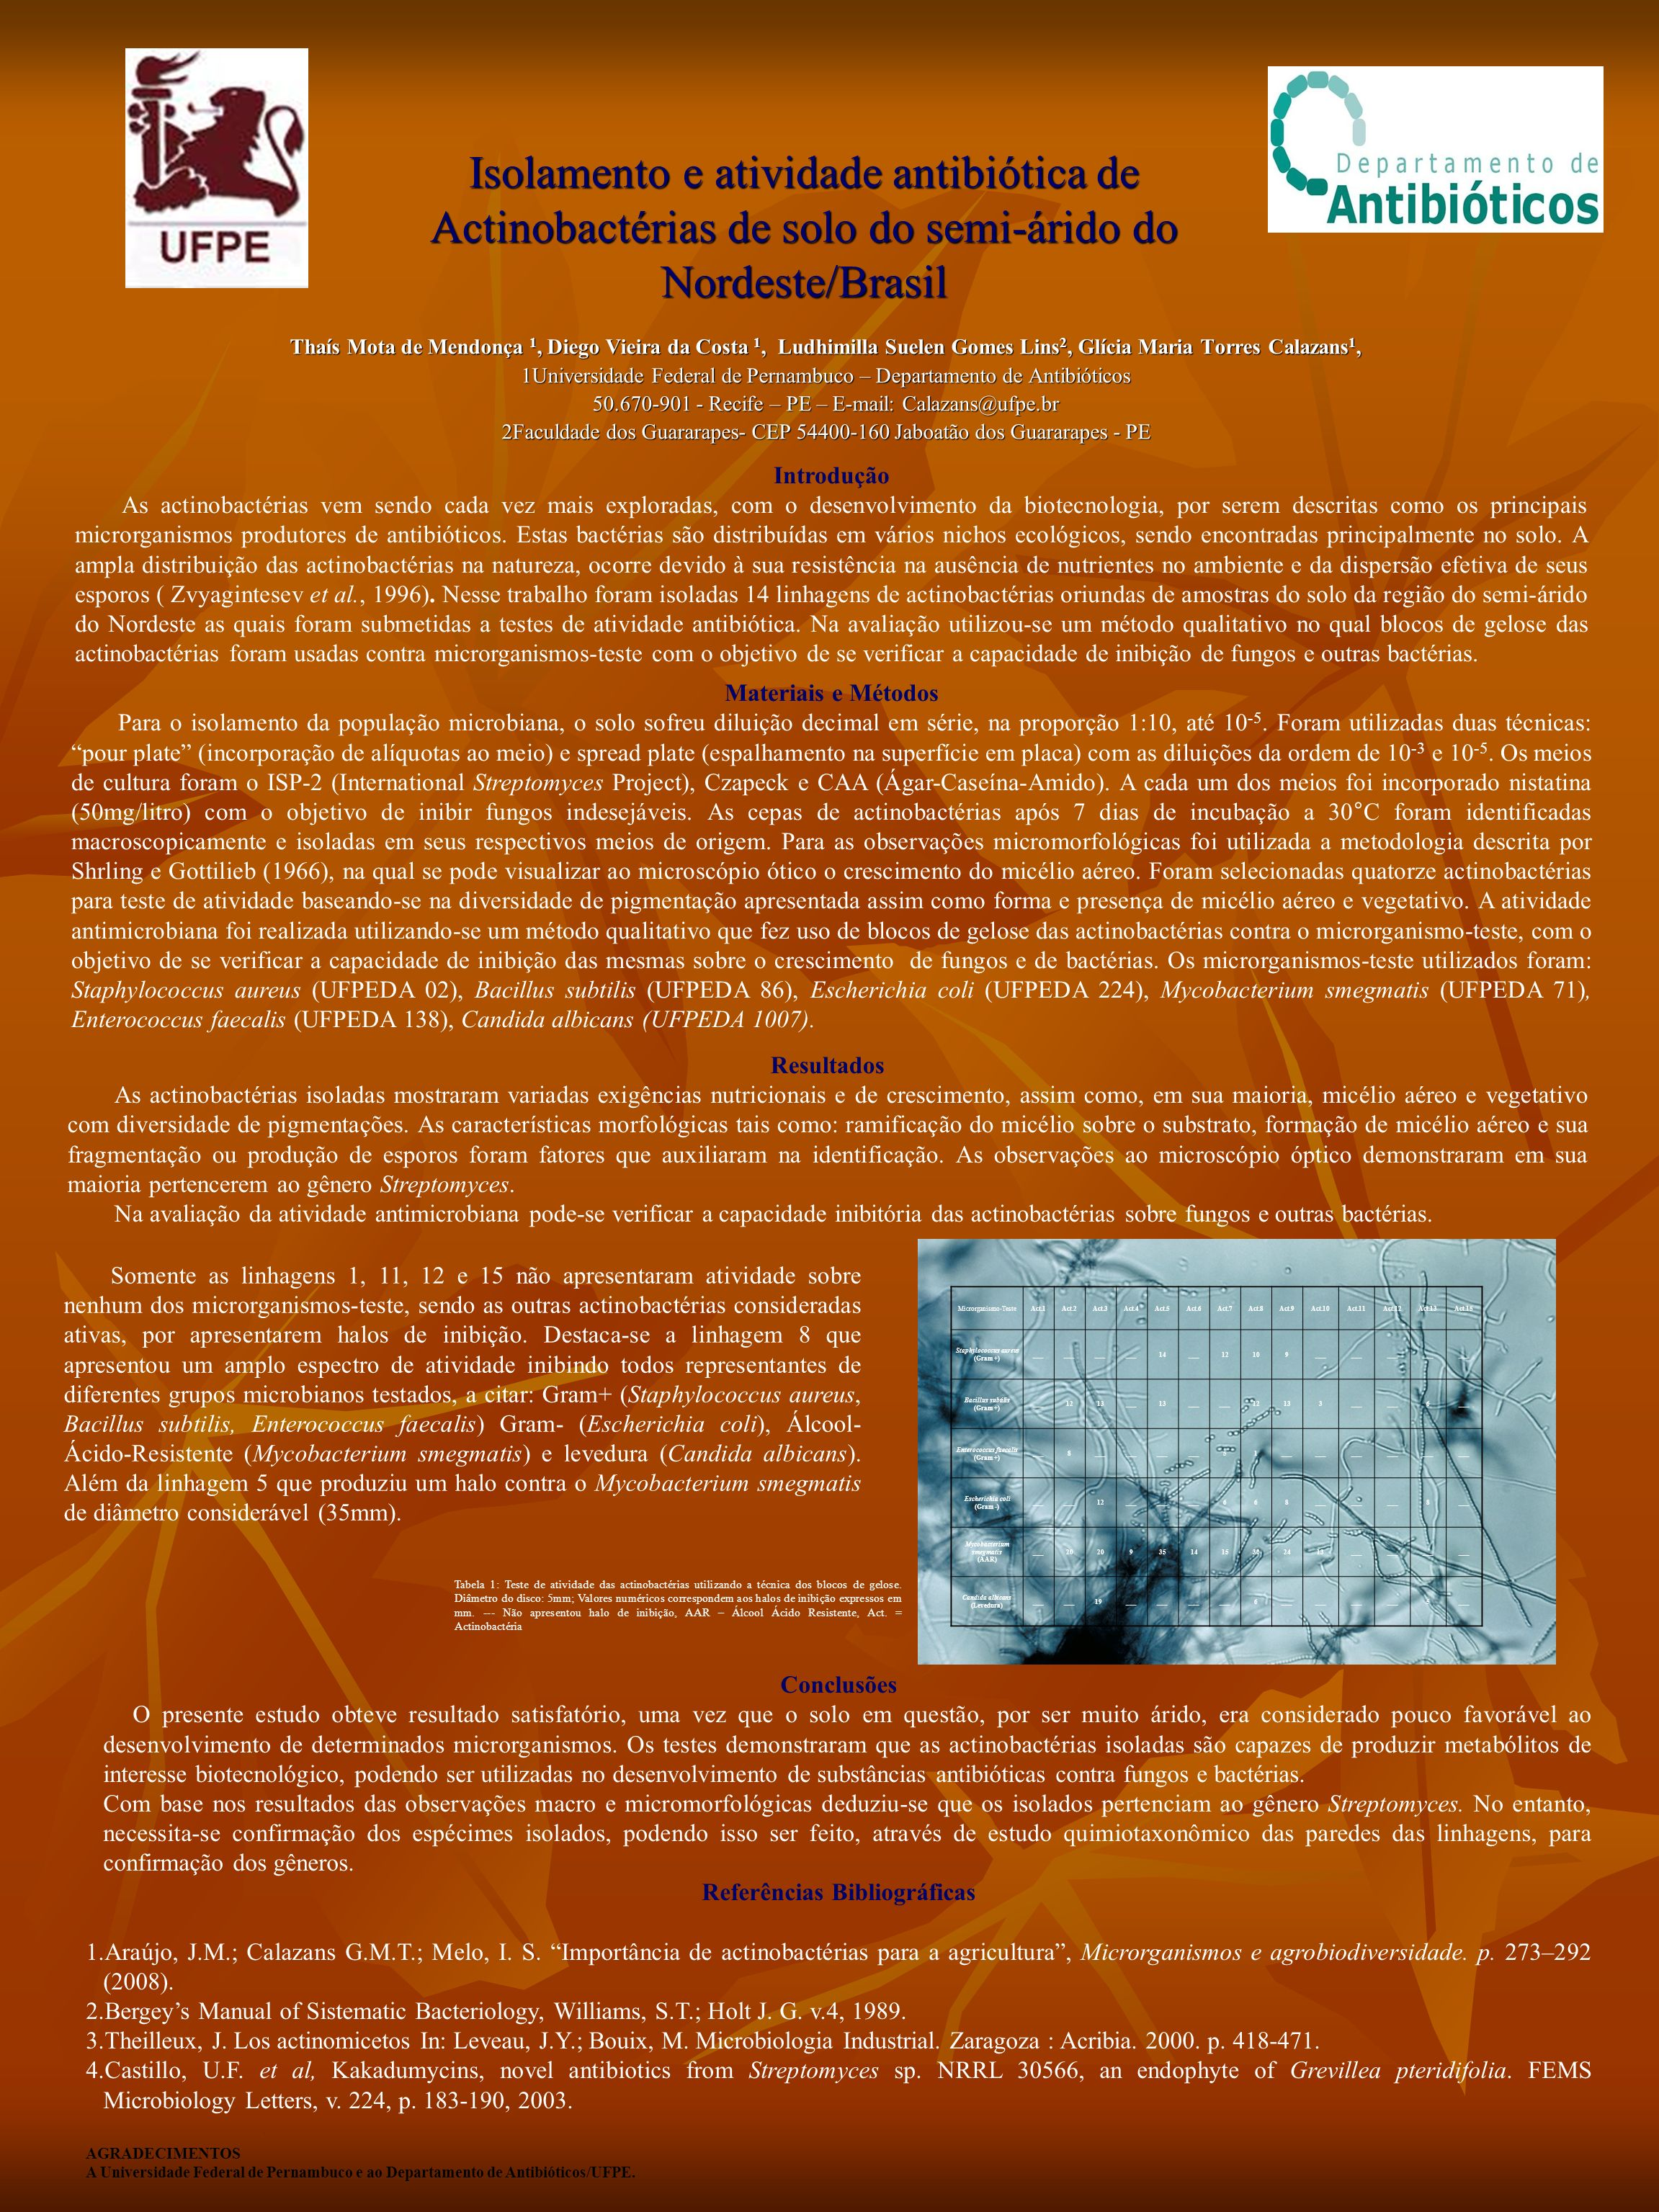 Isolamento e atividade antibiótica de Actinobactérias de solo do semi-árido do Nordeste/Brasil